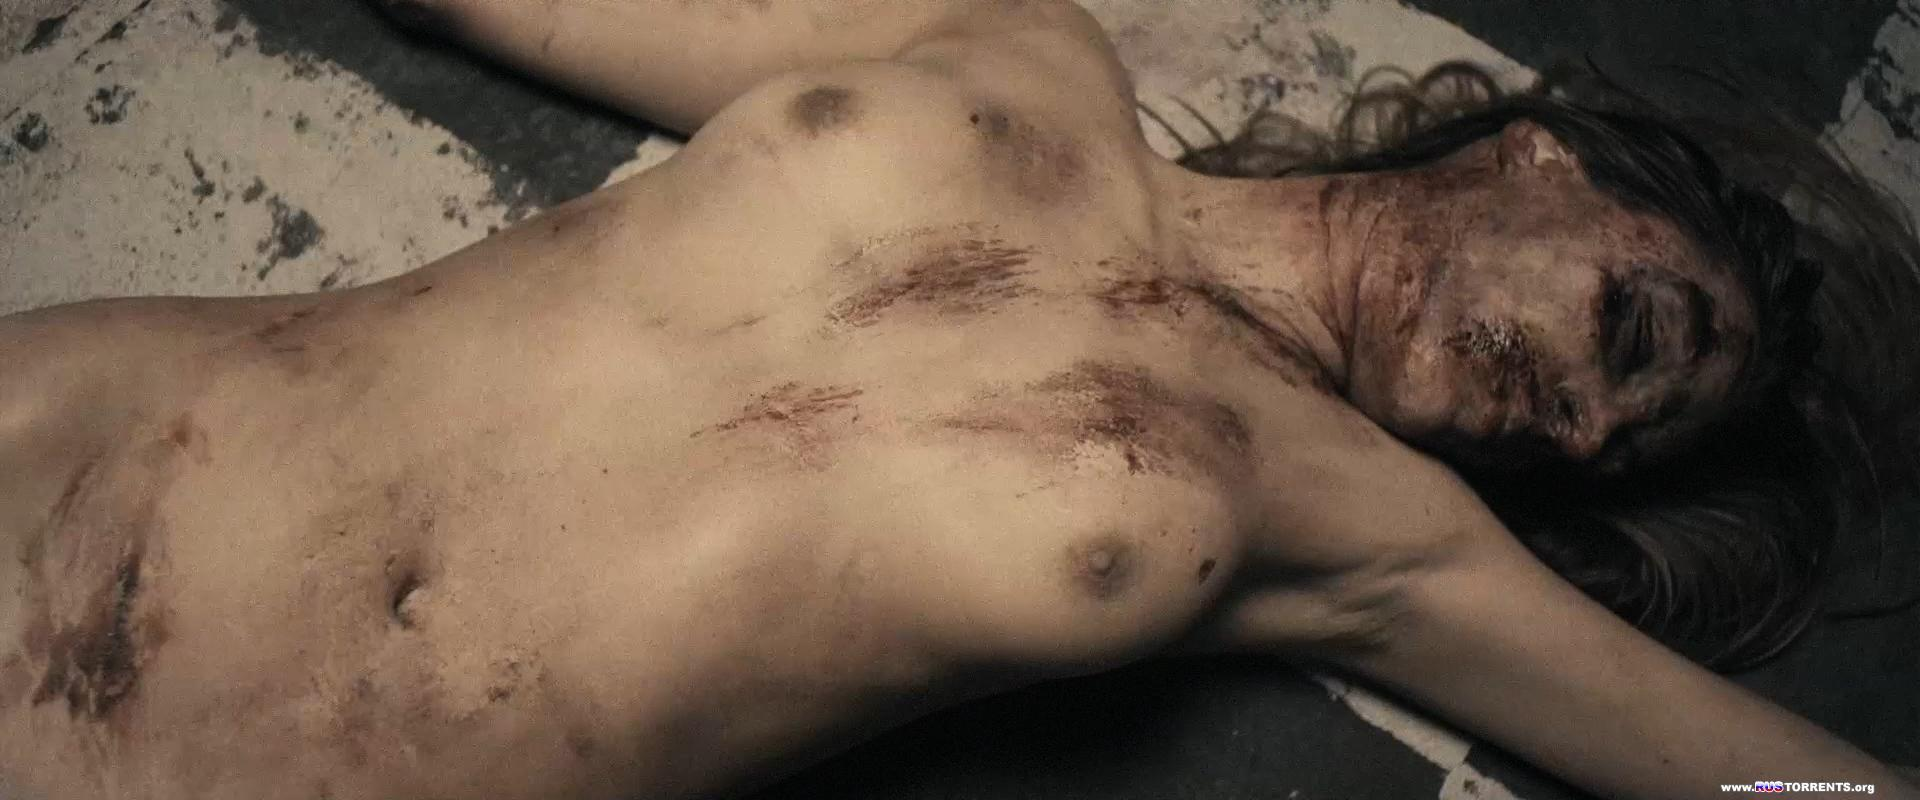 Сербия порно фильм